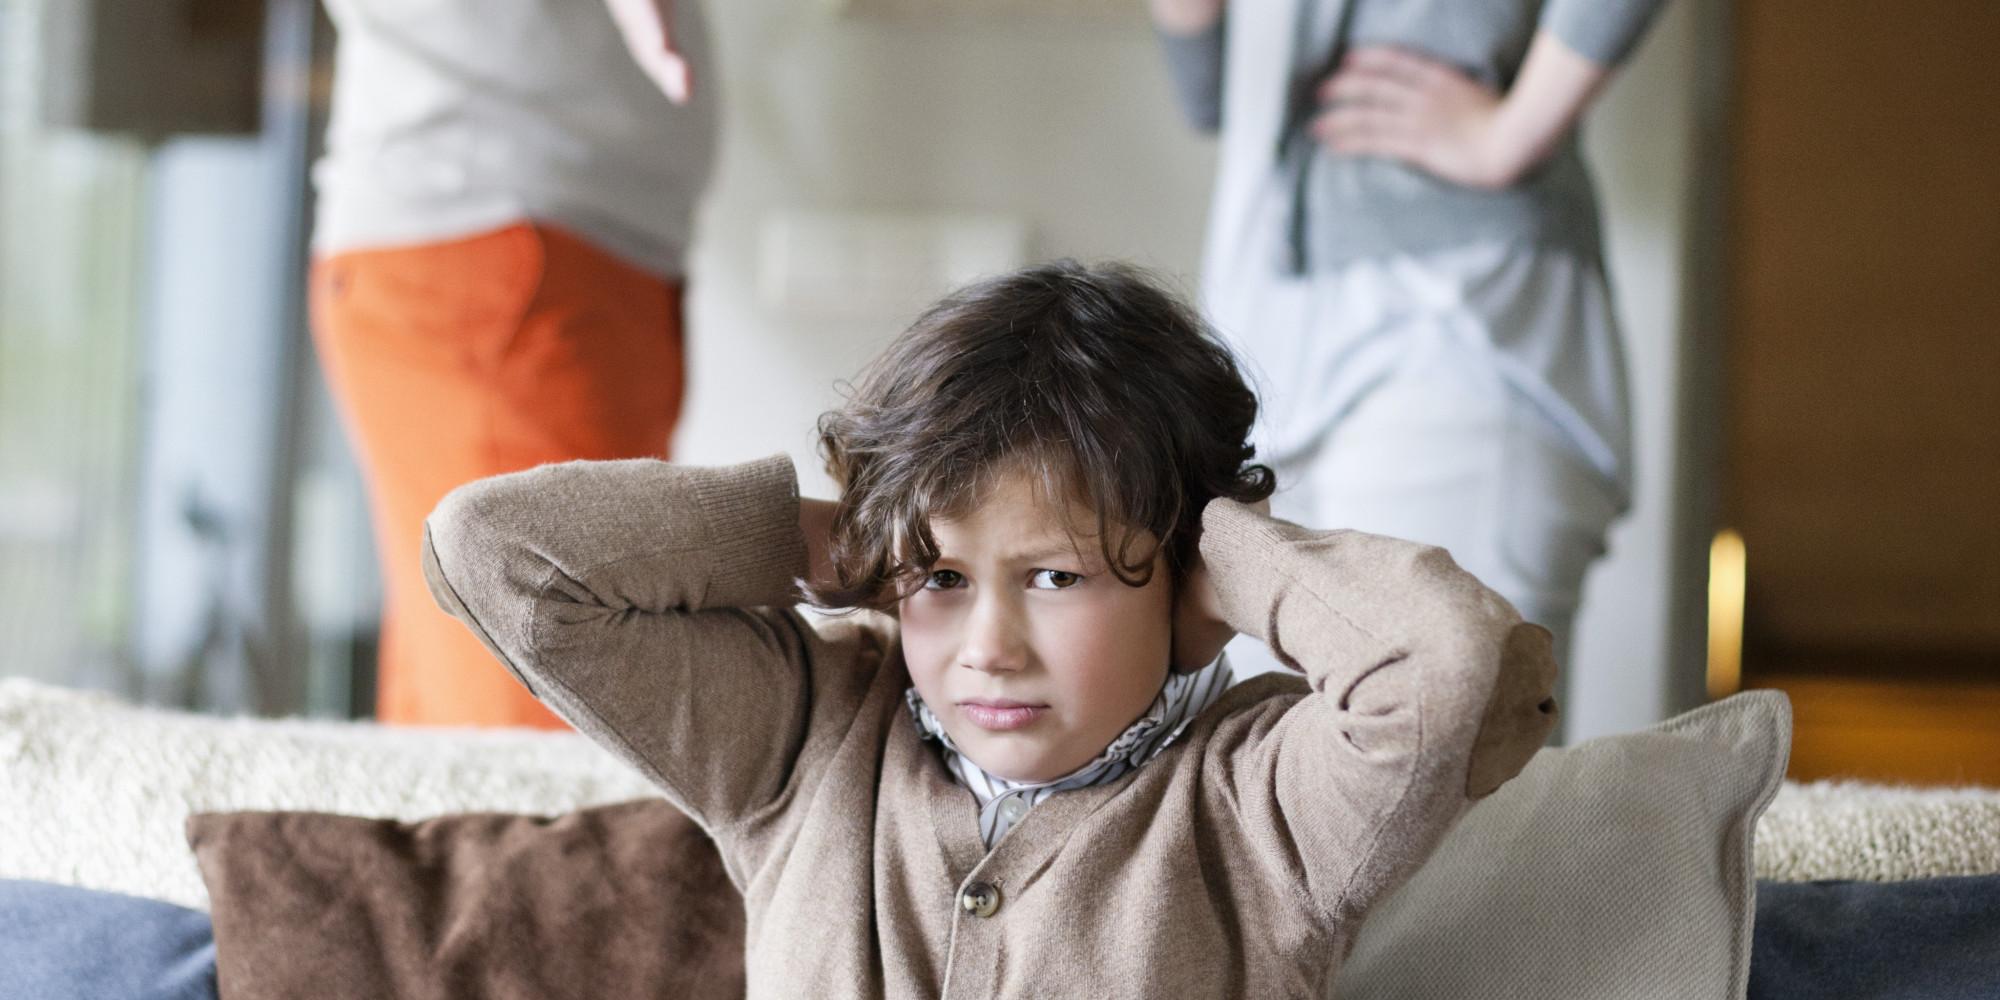 Αποτέλεσμα εικόνας για parents fighting boy